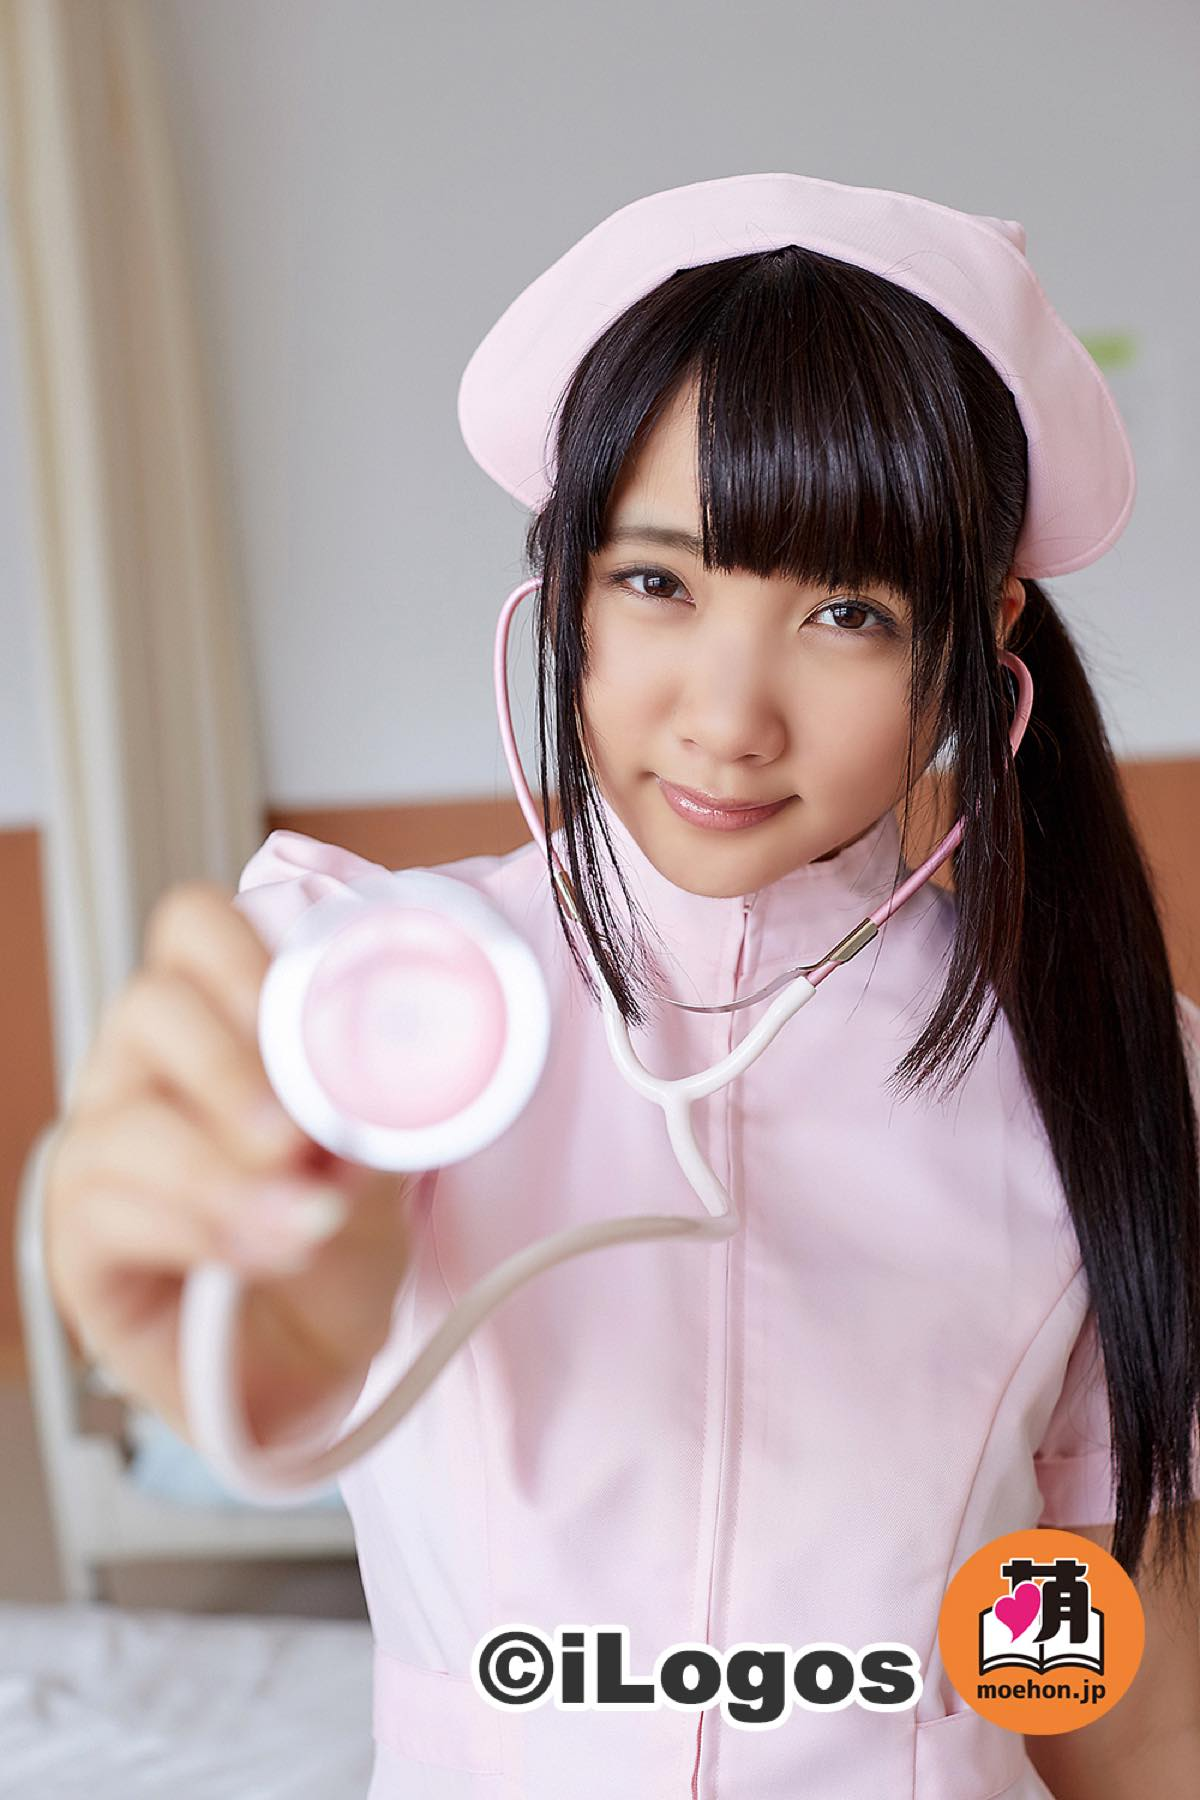 水沢柚乃「ナースが白衣をはだけて」艶肌に激萌え!001